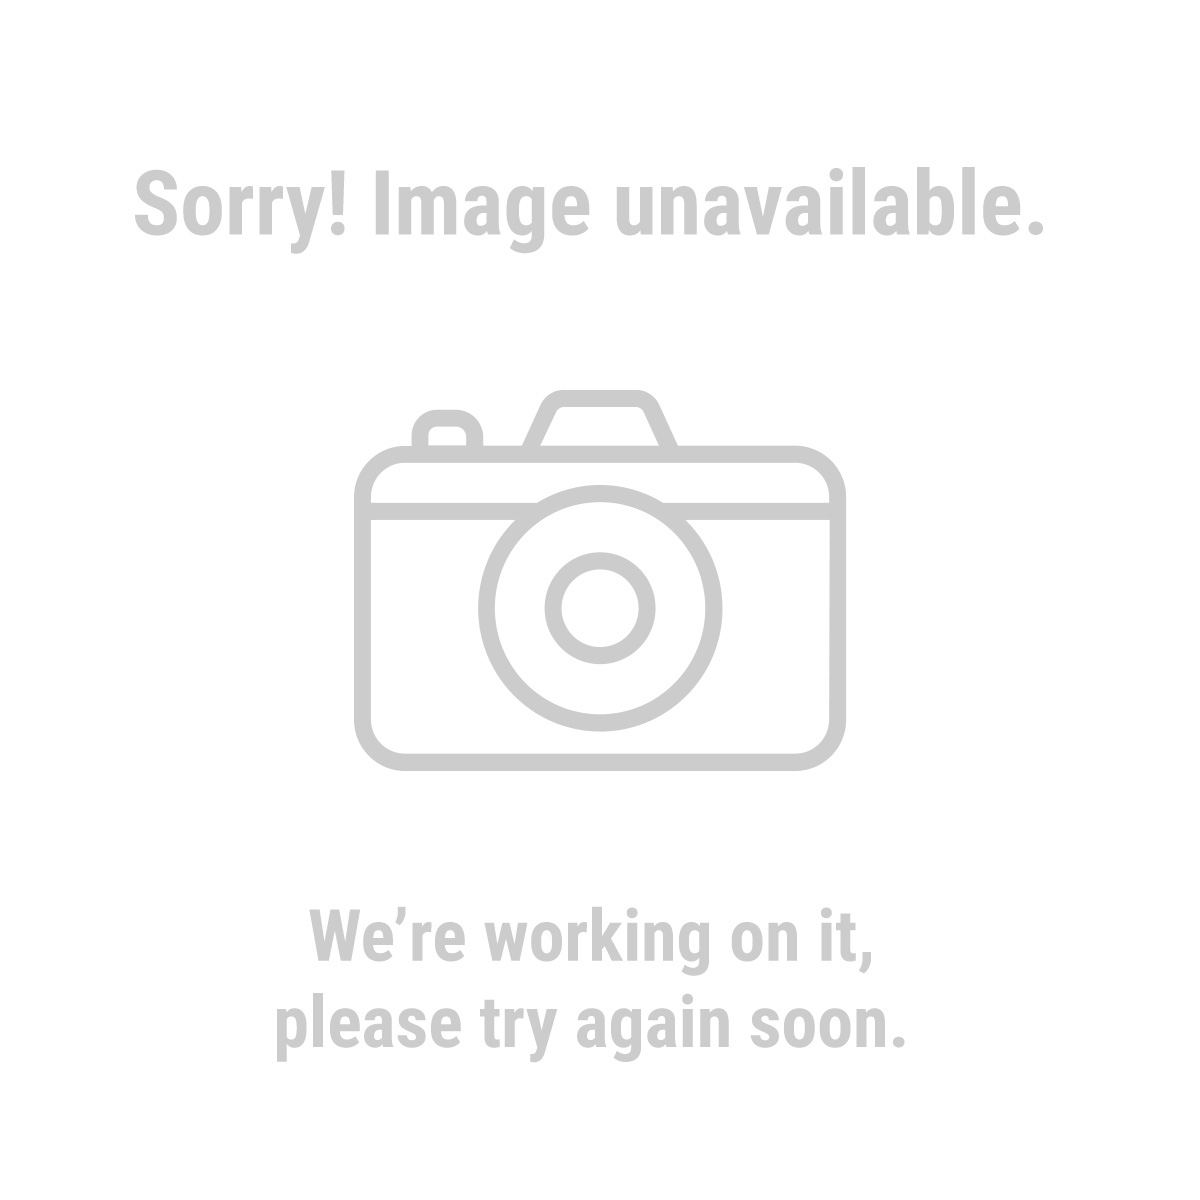 rust oleum 67938 flat black rust oleum acrylic enamel spray paint. Black Bedroom Furniture Sets. Home Design Ideas